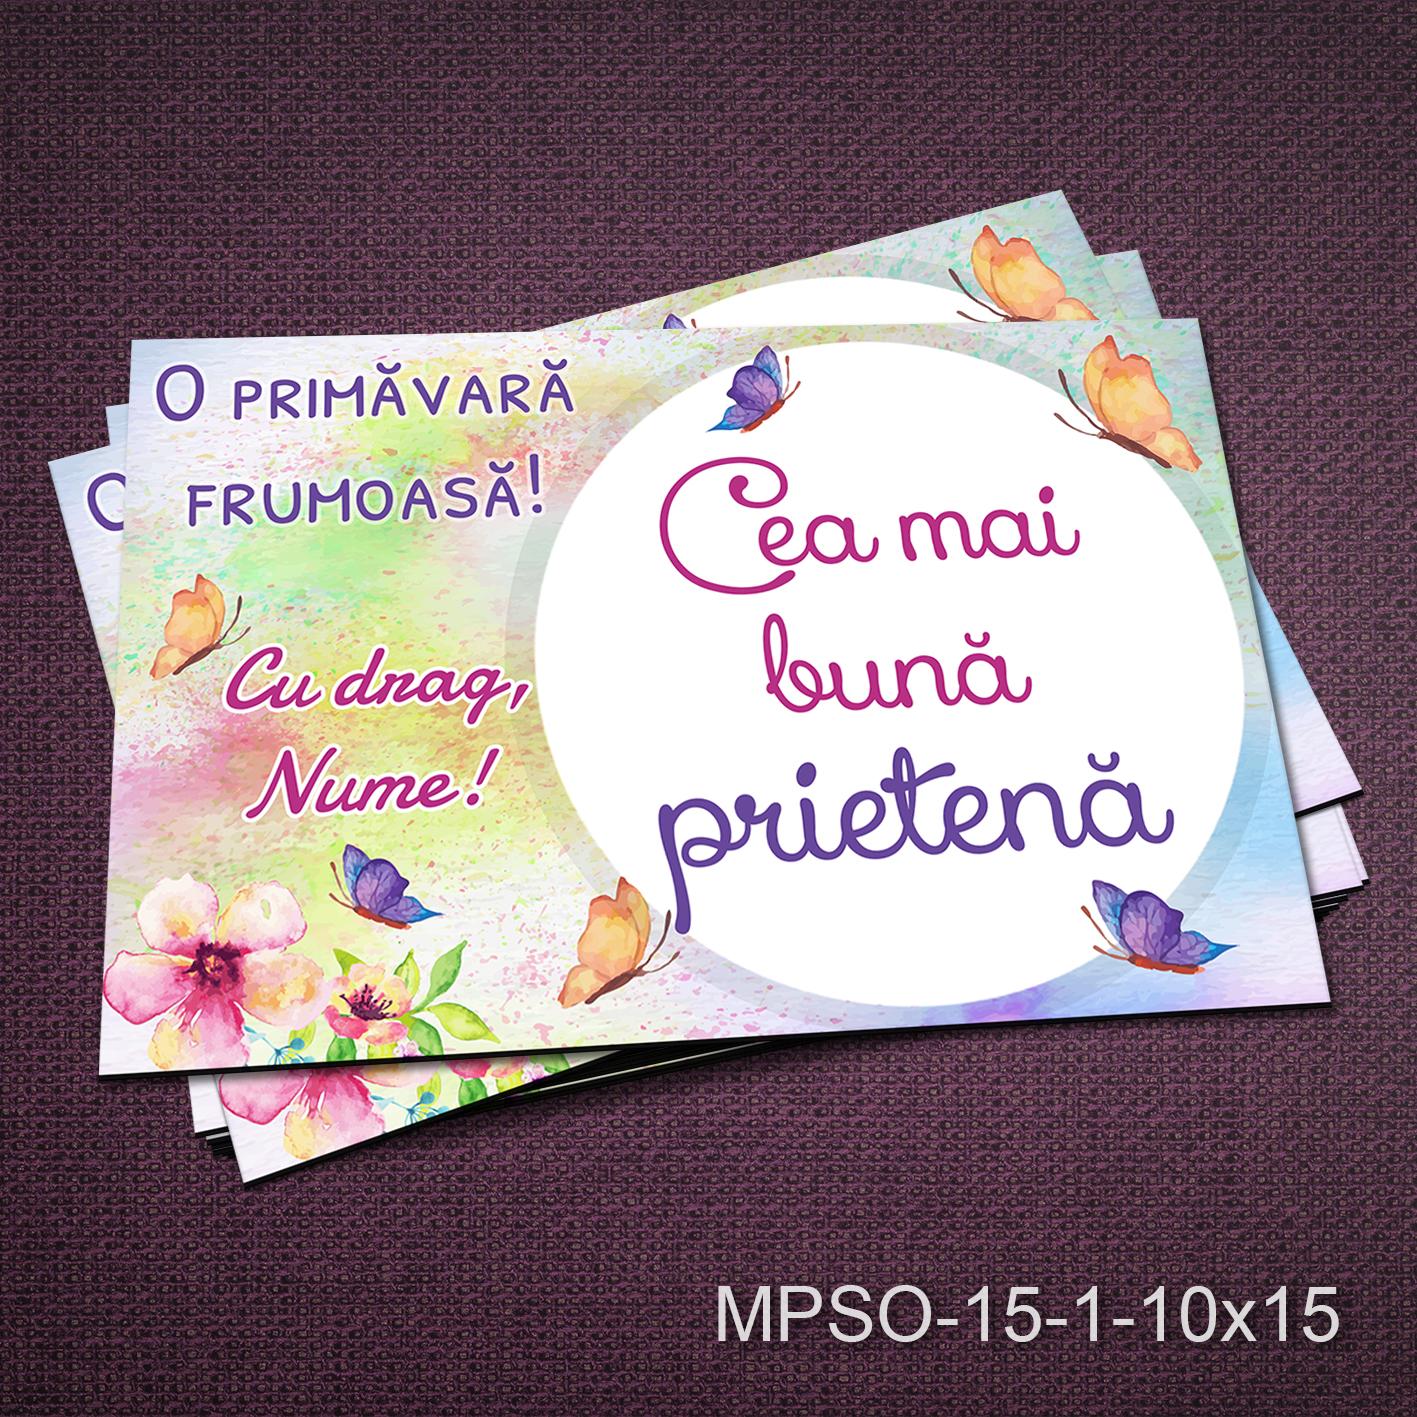 Felicitare magnetica - cea mai buna prietena - MPSO-15-1-10x15